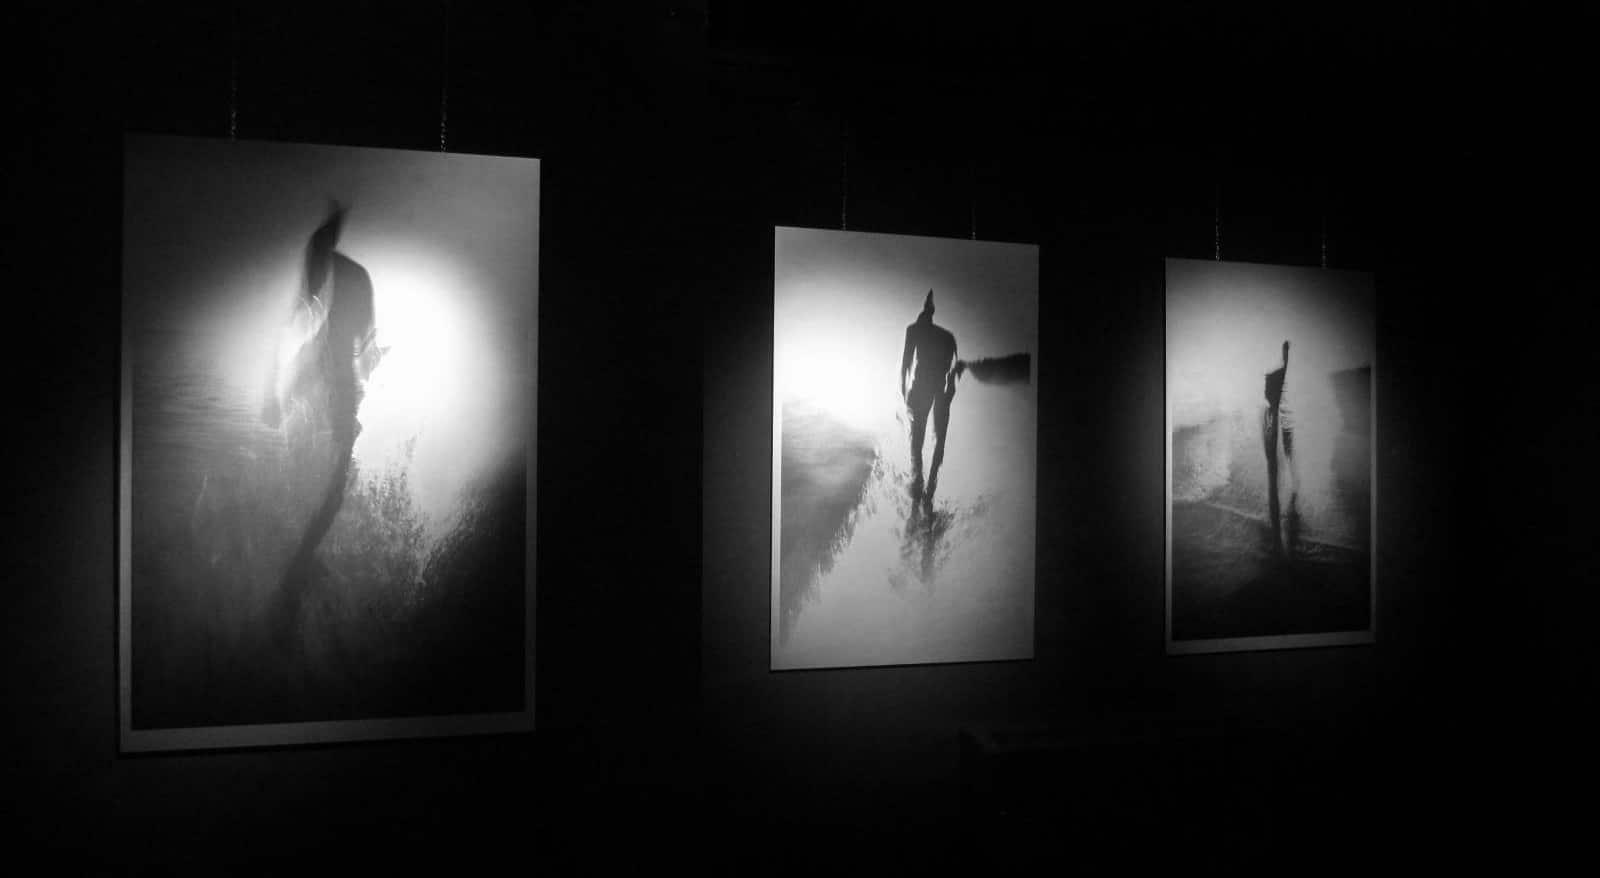 Una mostra di fotografia a Milano dedicata al movimento voluta da Mazda